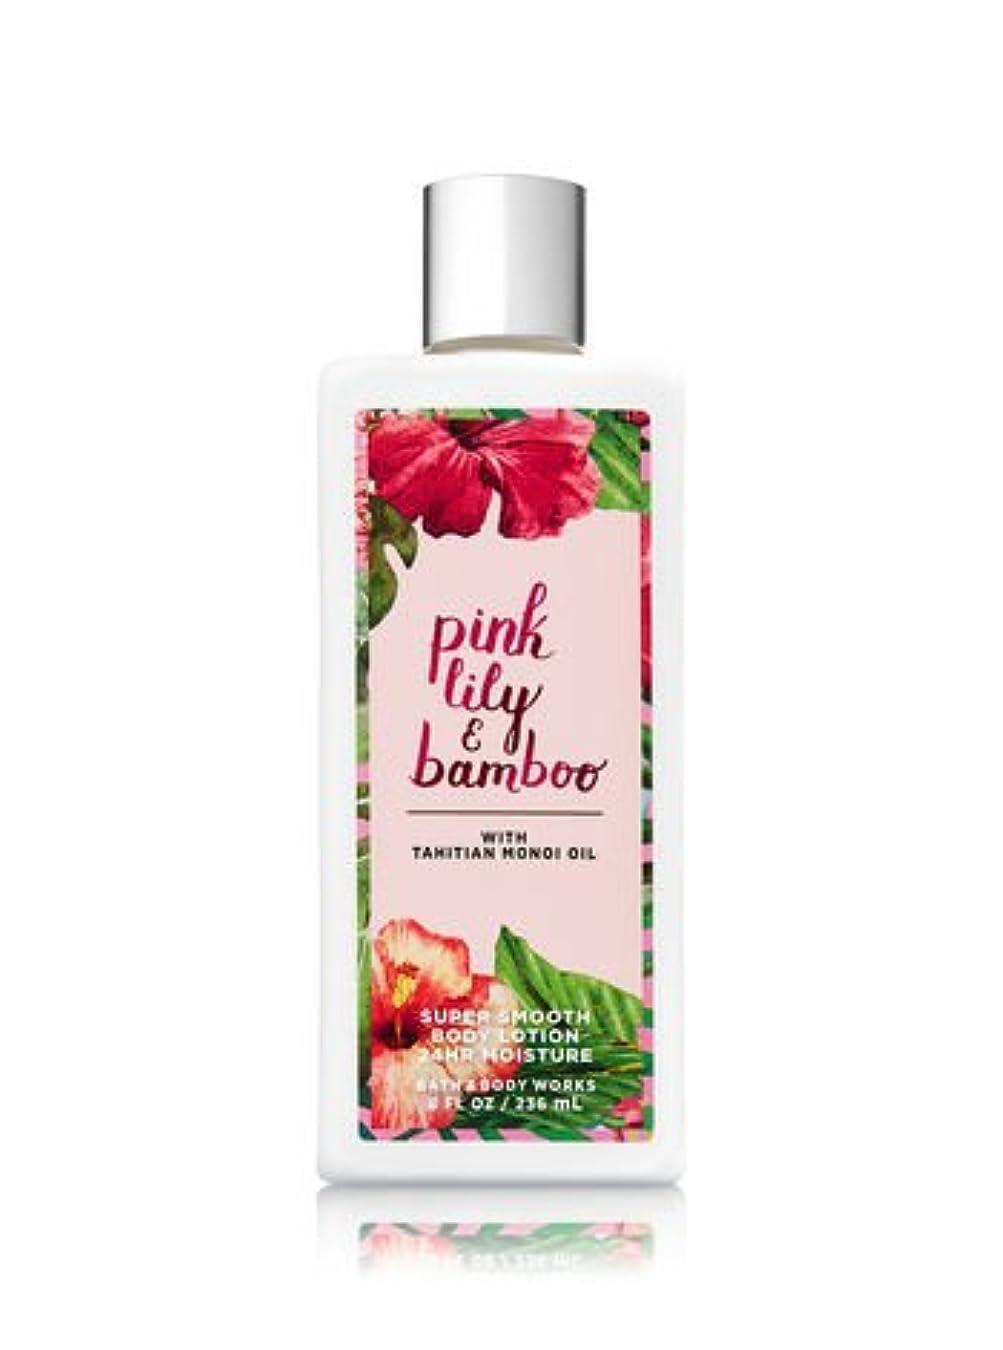 磁器震えるぴったり【Bath&Body Works/バス&ボディワークス】 ボディローション ピンクリリー&バンブー Super Smooth Body Lotion Pink Lily & Bamboo 8 fl oz/236 mL [並行輸入品]